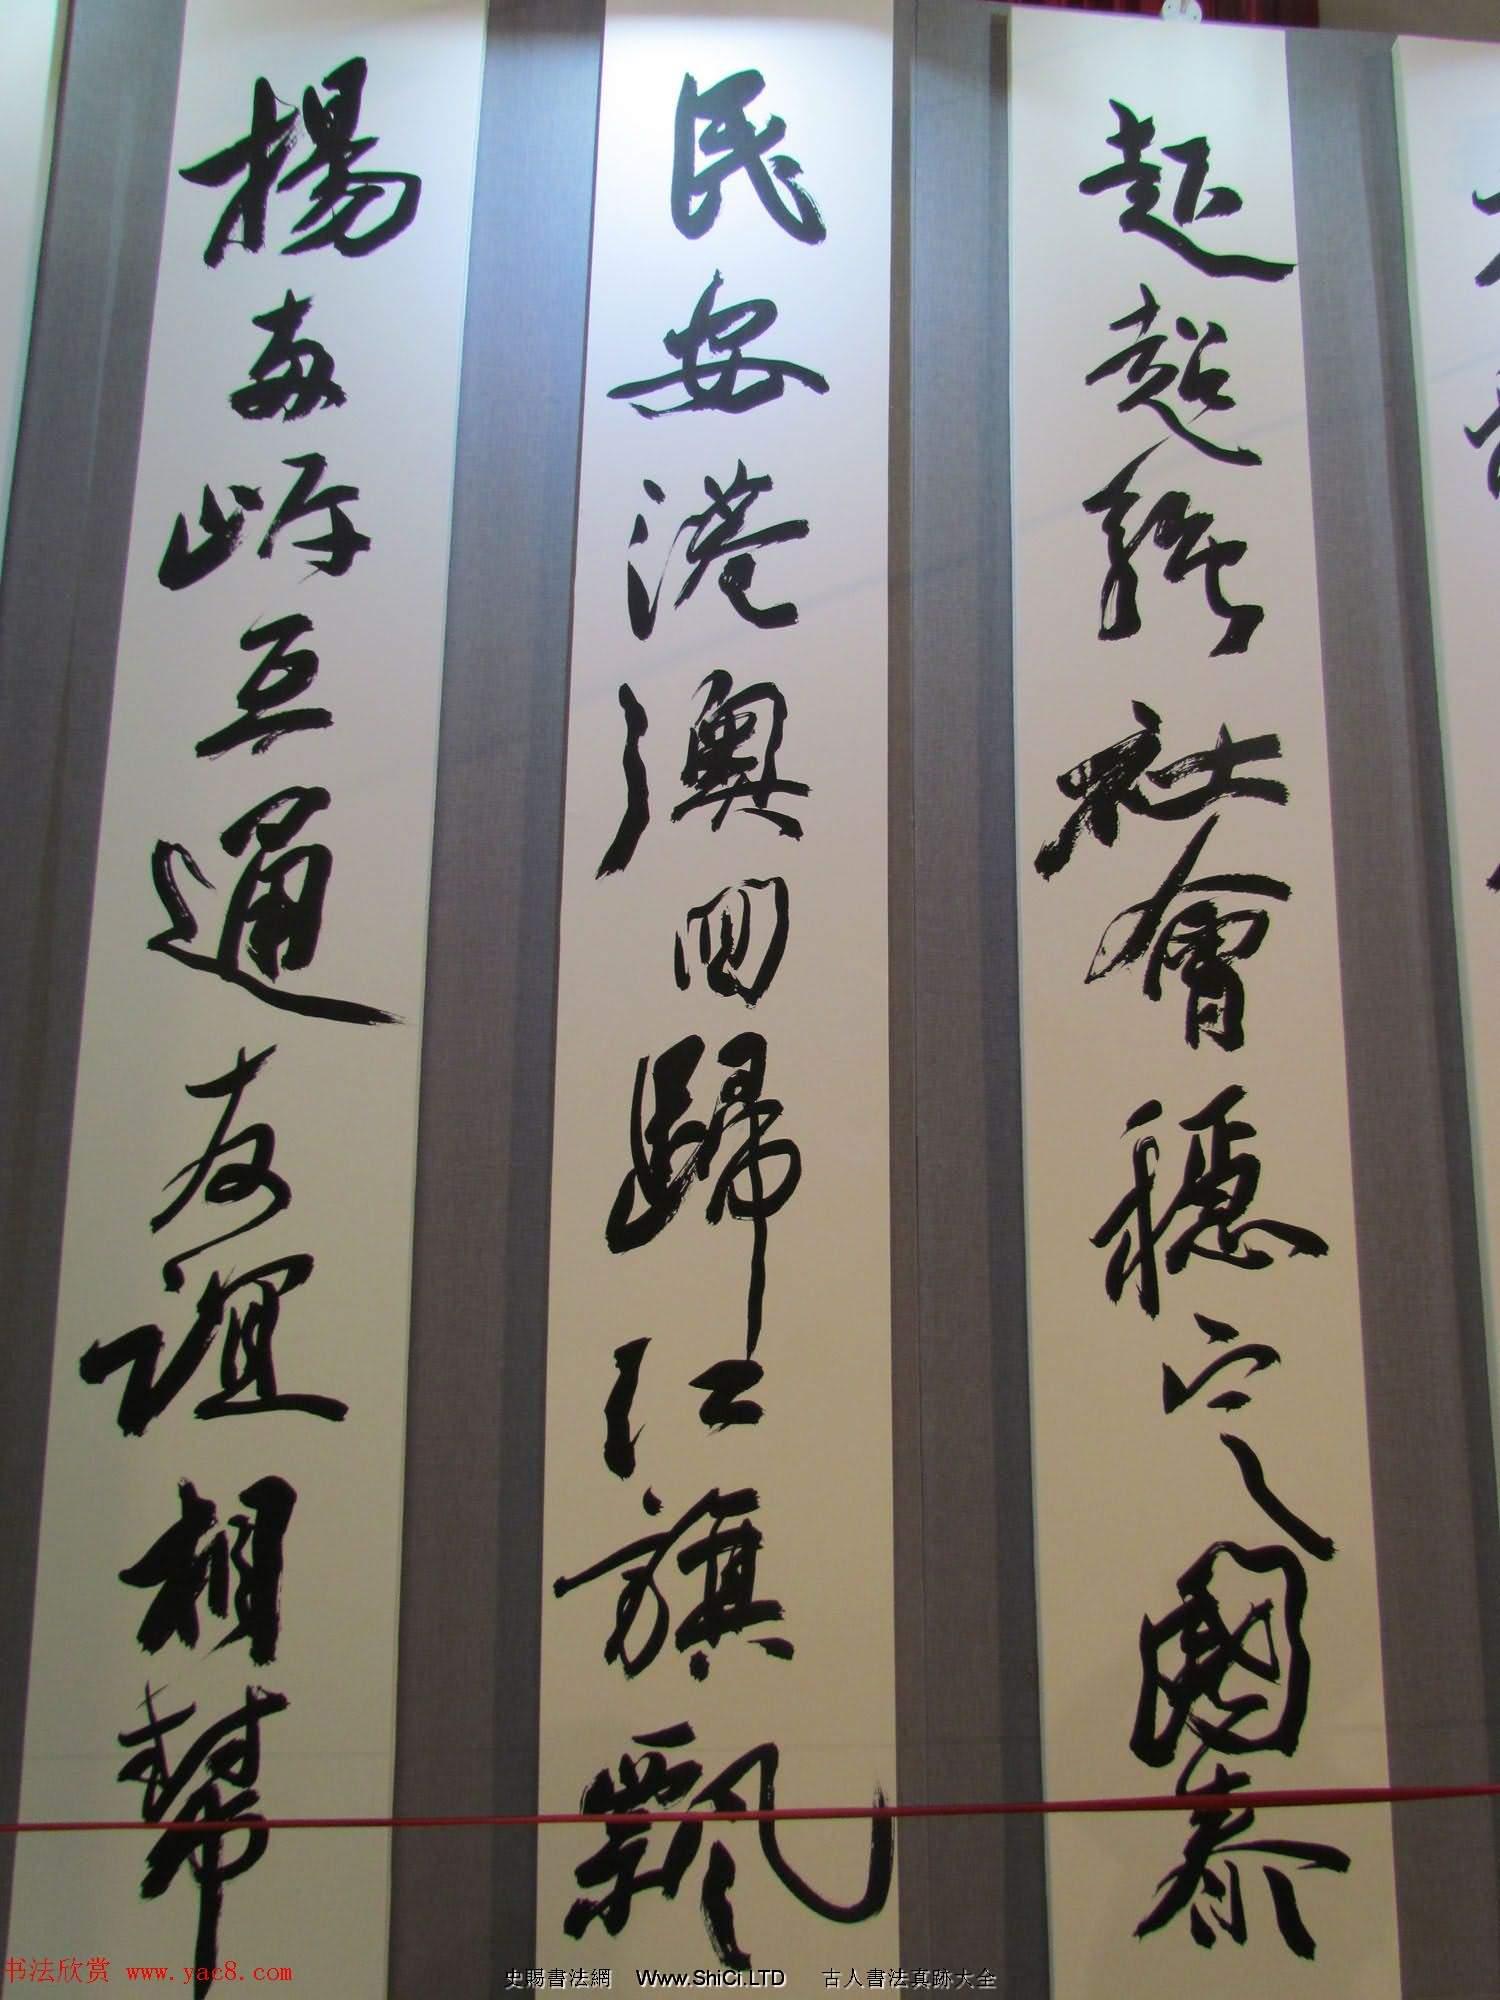 李鐸巨幅行草書法作品欣賞《祖國萬歲》